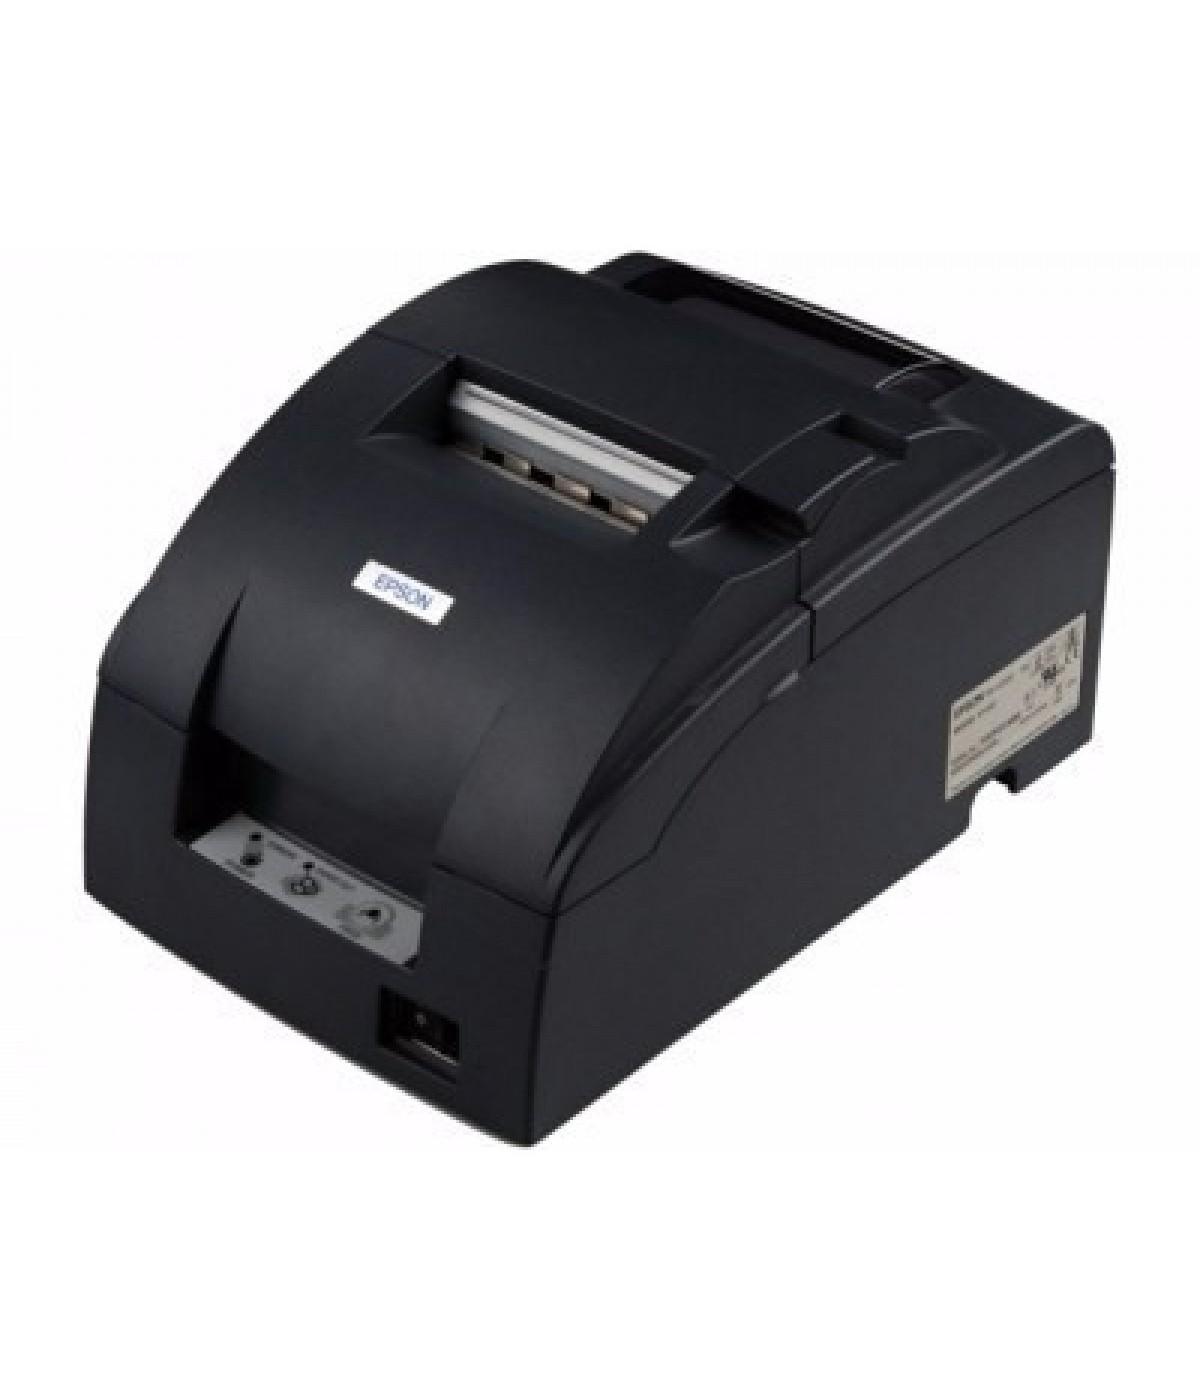 impresora-epson-pos-tm-u220d-punto-de-venta-matriz-de-punto-usb-c31c515806